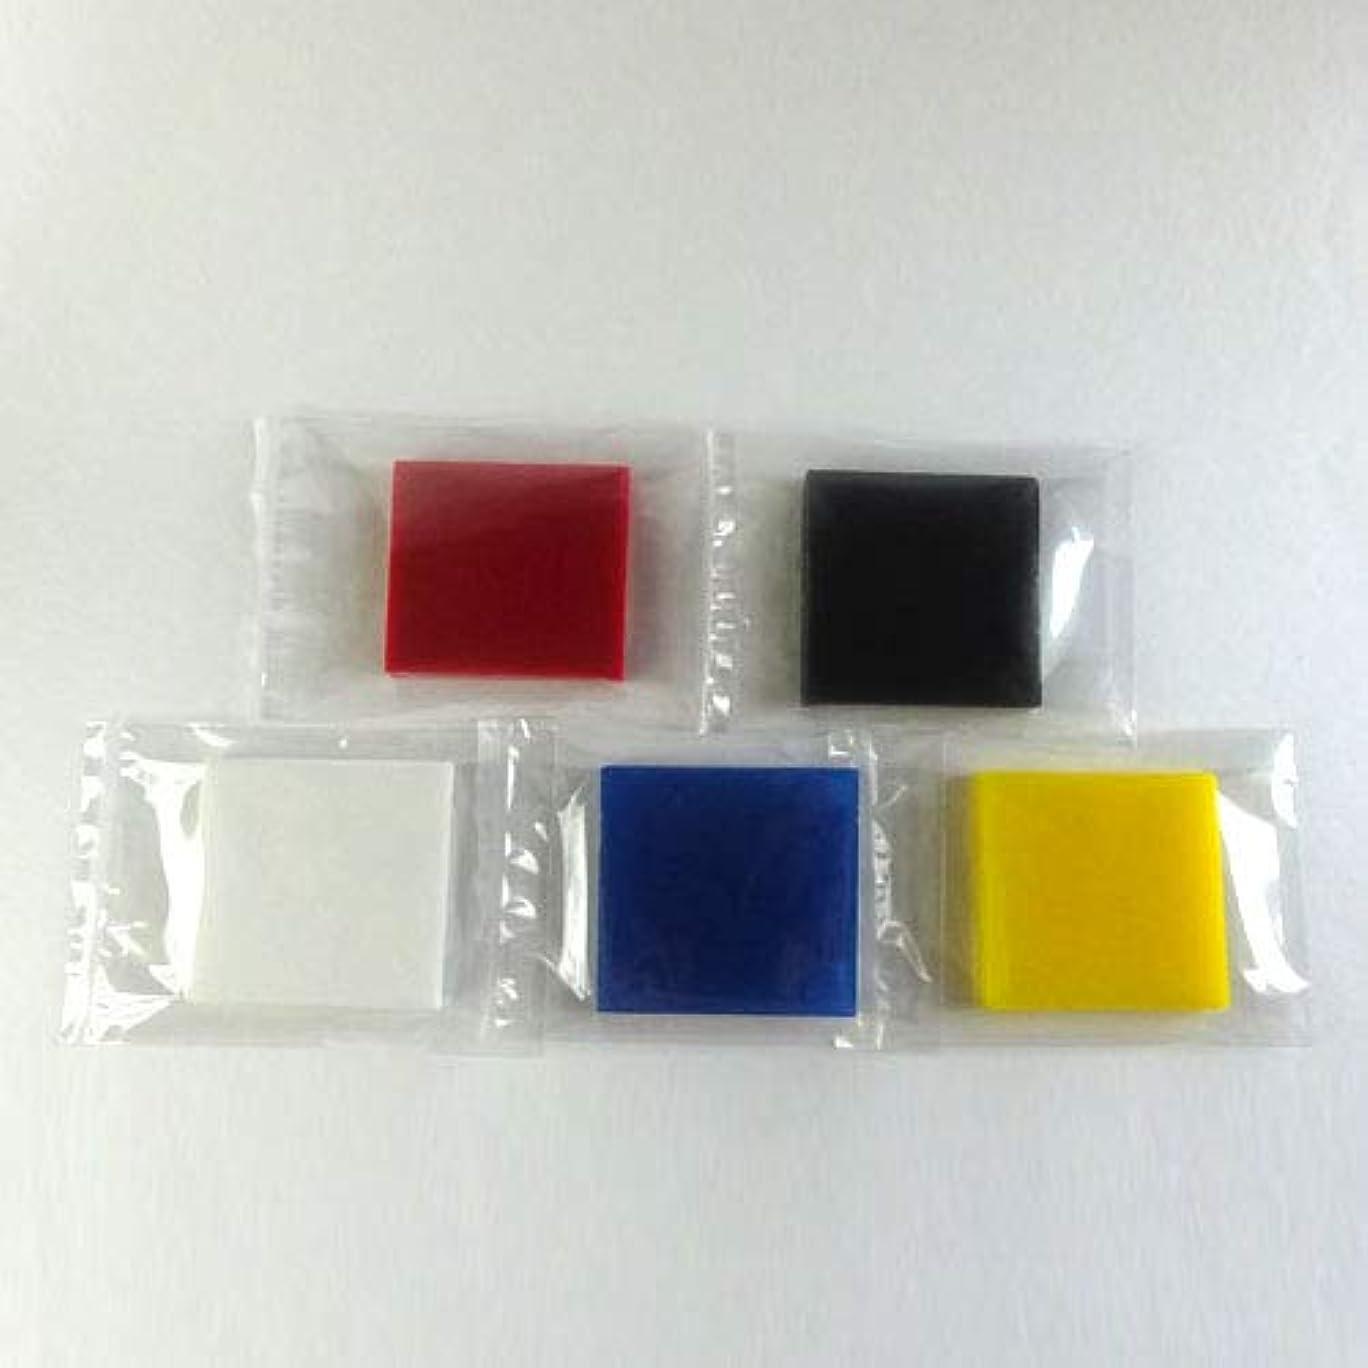 無駄だドア第五グリセリンソープ MPソープ 色チップ 5色(赤?青?黄?白?黒) 各60g(30g x 2pc)